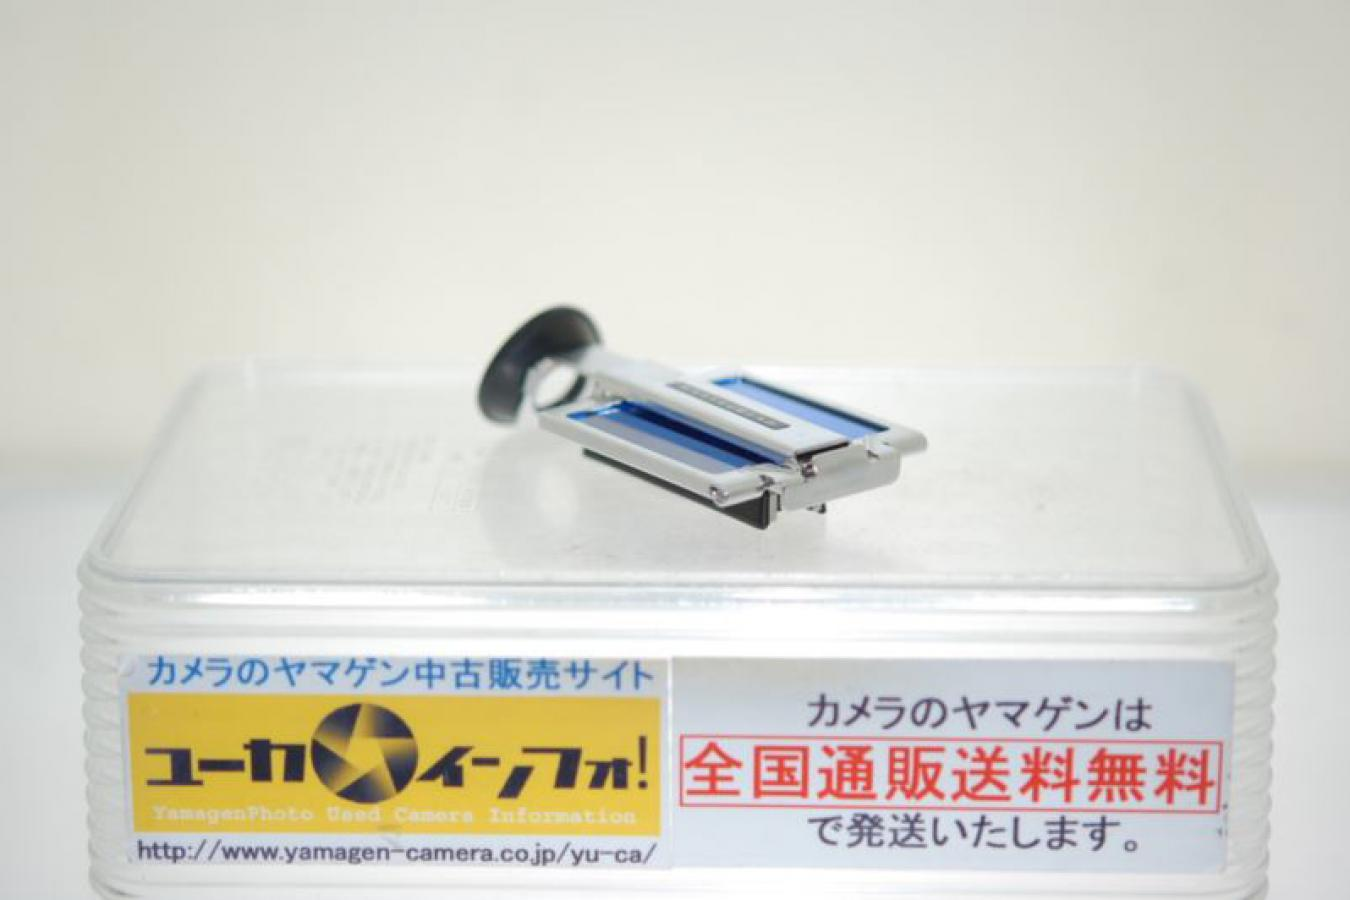 ハッセルブラッド スポーツファインダー 【250mmファインダーマスク付】